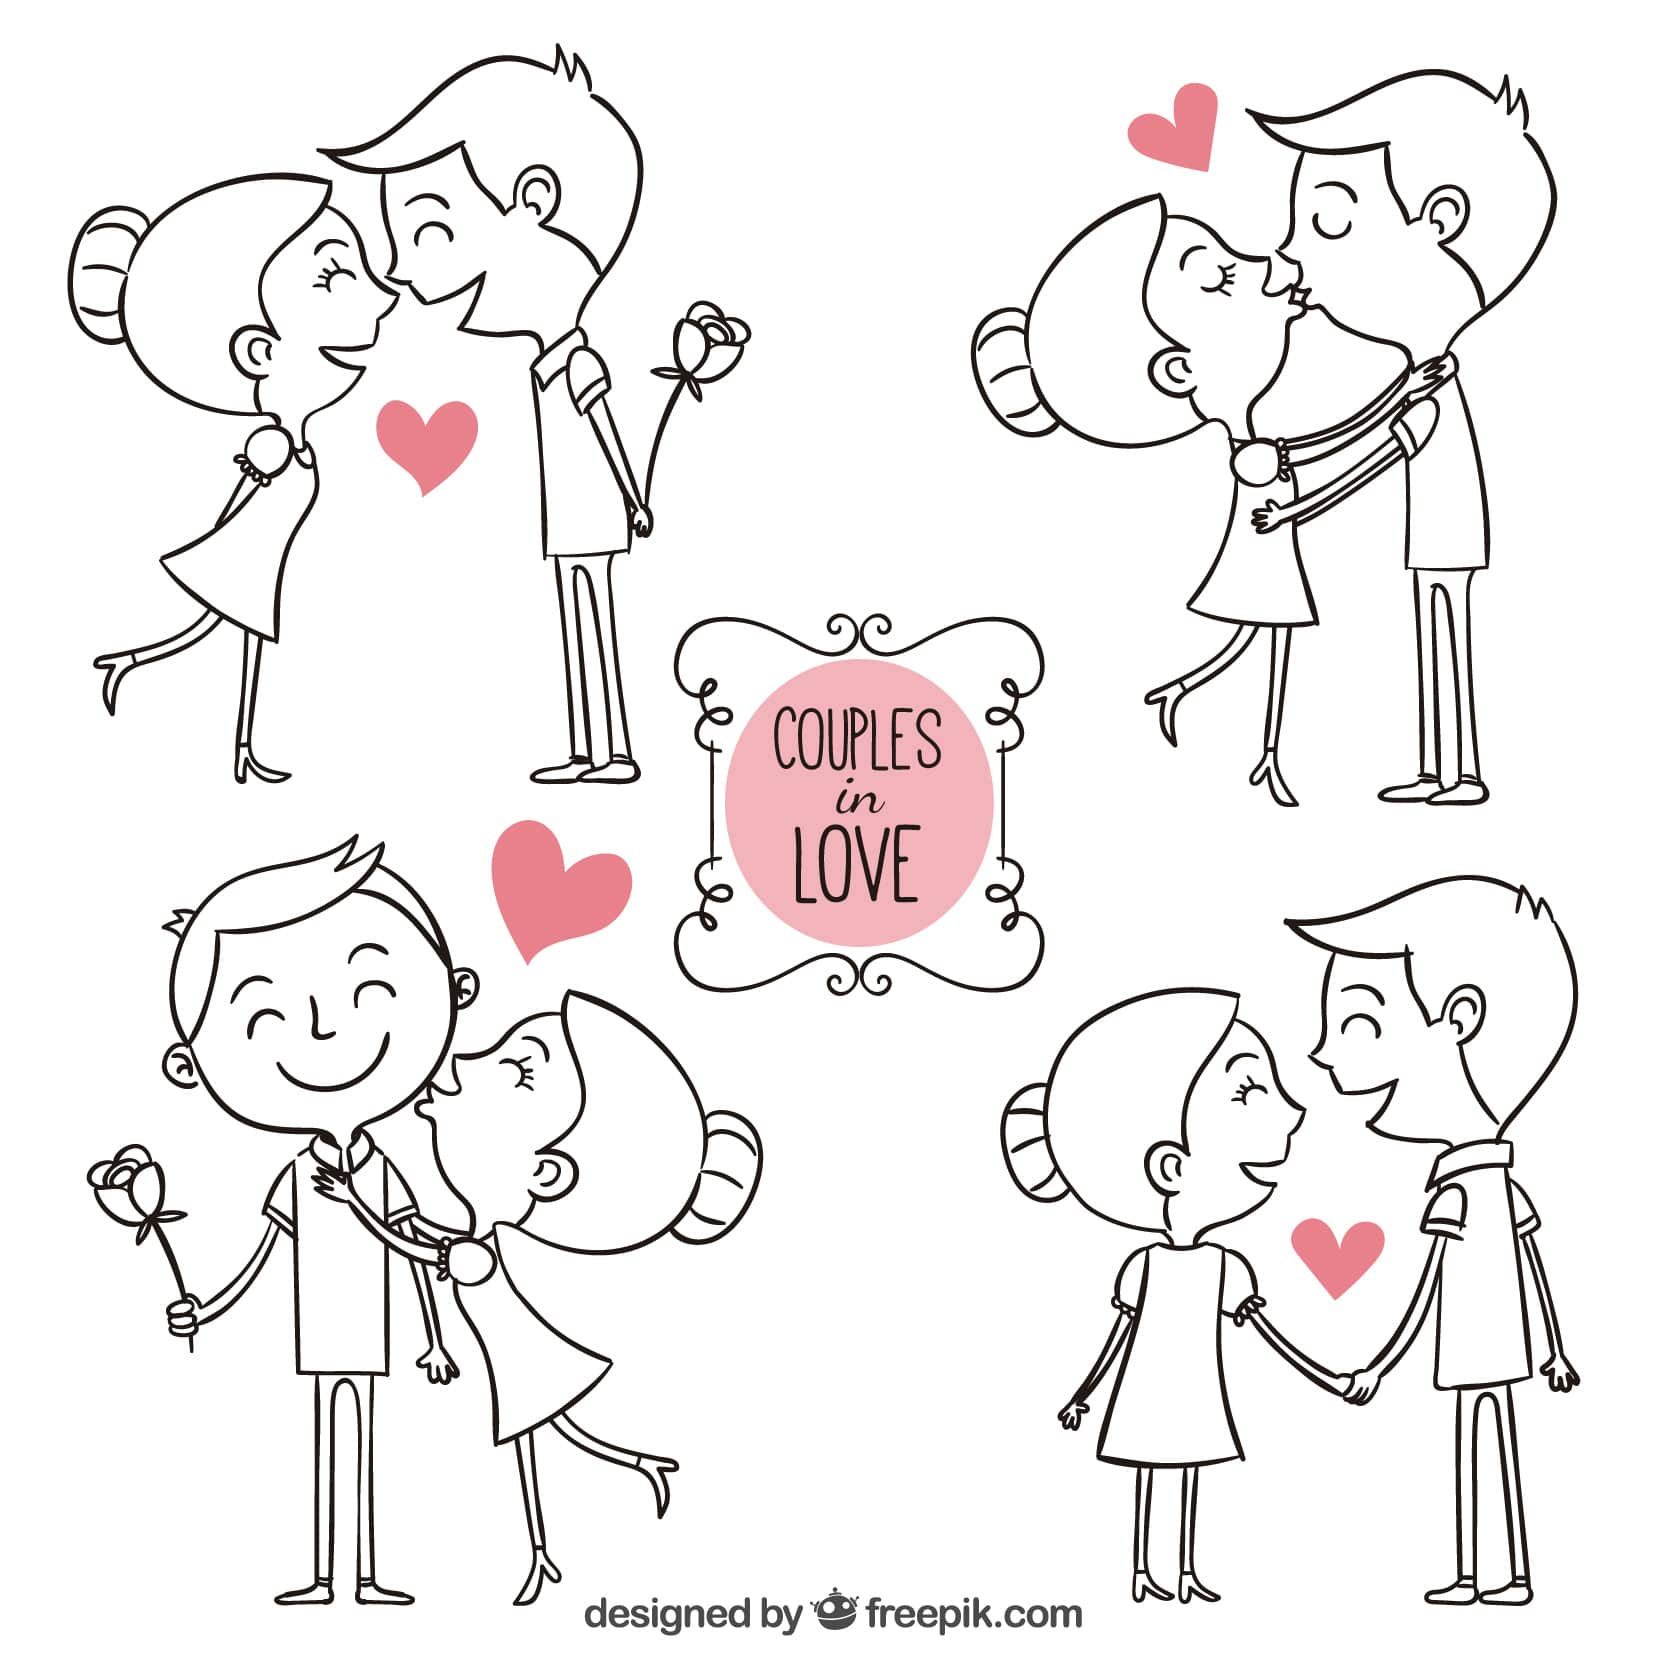 L'art des relations – La maîtrise de l'amour